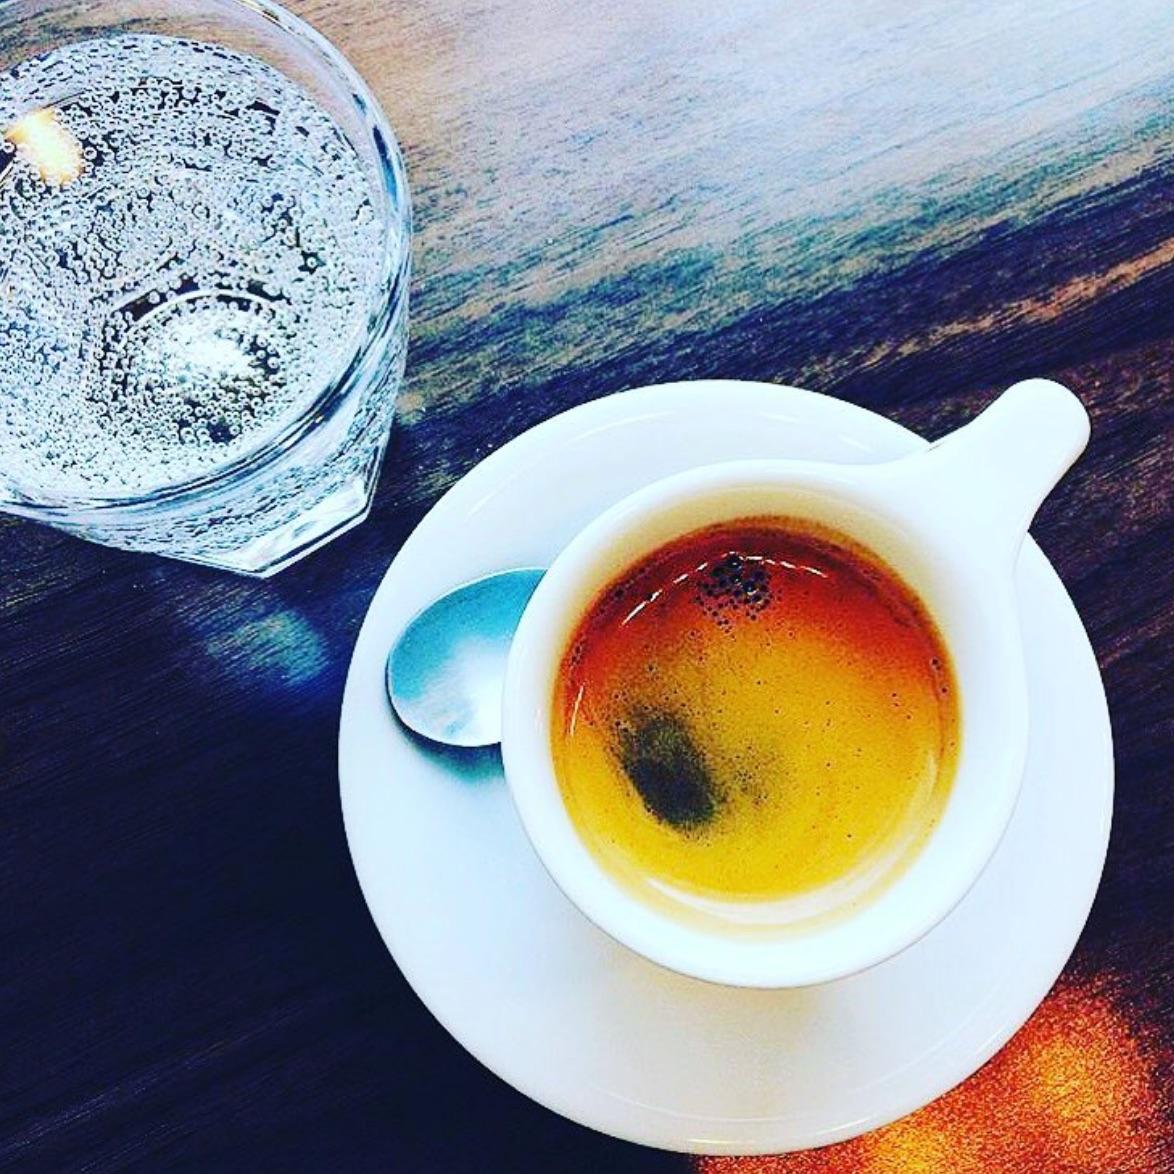 Zetêo_Coffee_-__Zeh-tā-ō____zeteocoffee__•_Instagram_photos_and_videos.jpg